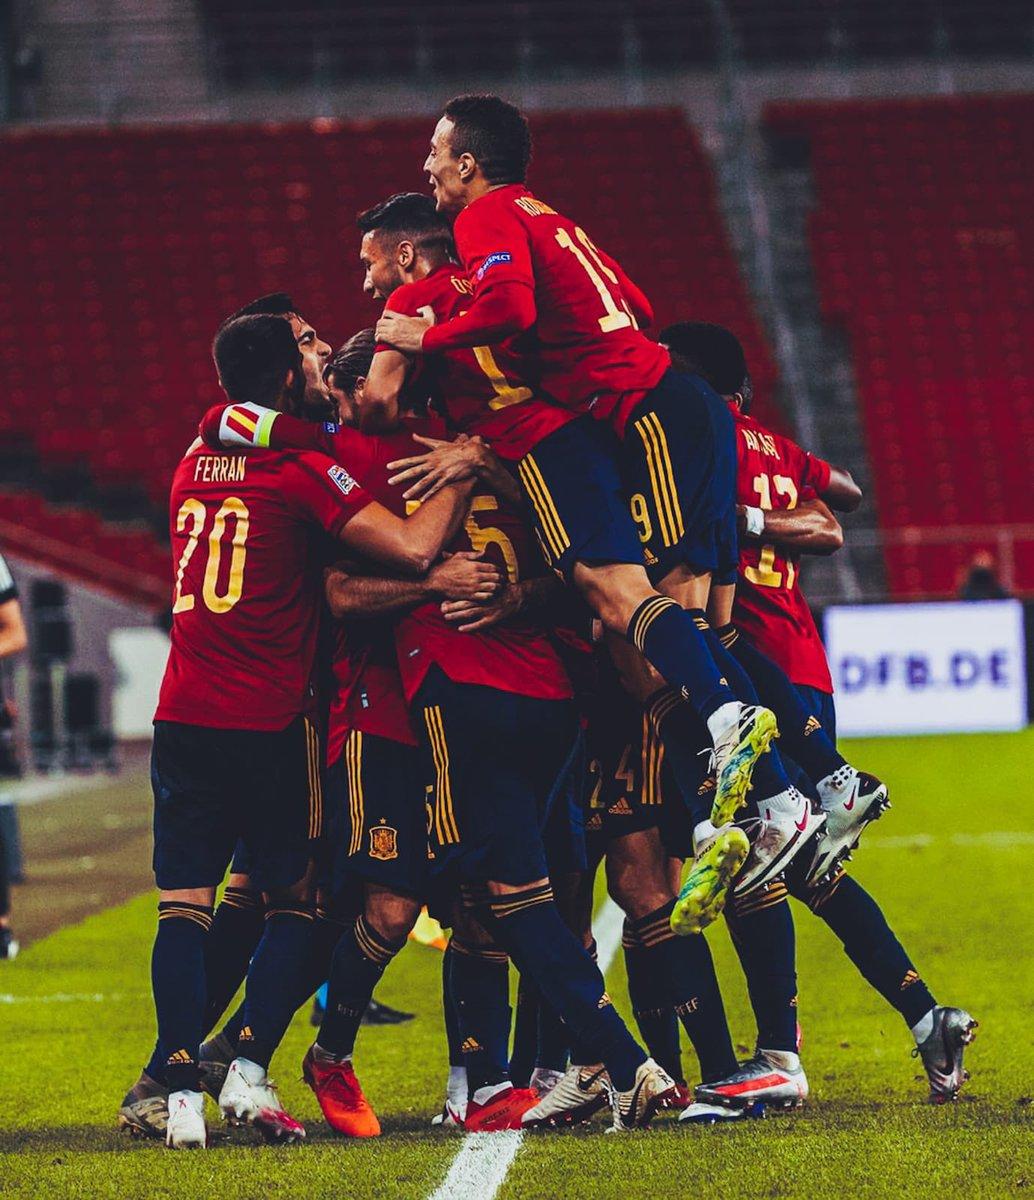 Gran esfuerzo equipo ⚔️ Nunca nos rendimos 🔴🟡🔴 #españa🇪🇸 #sefutbol #somosespaña #vamosespaña